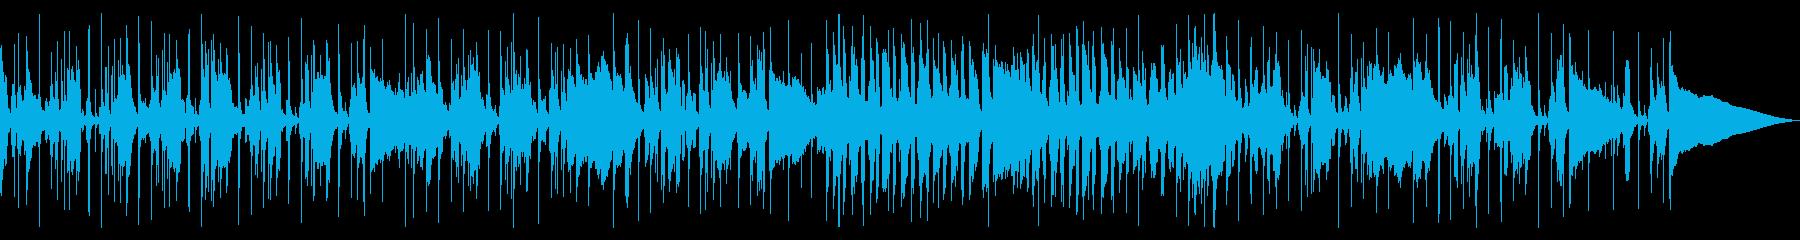 オシャレなほのぼのジャズの再生済みの波形